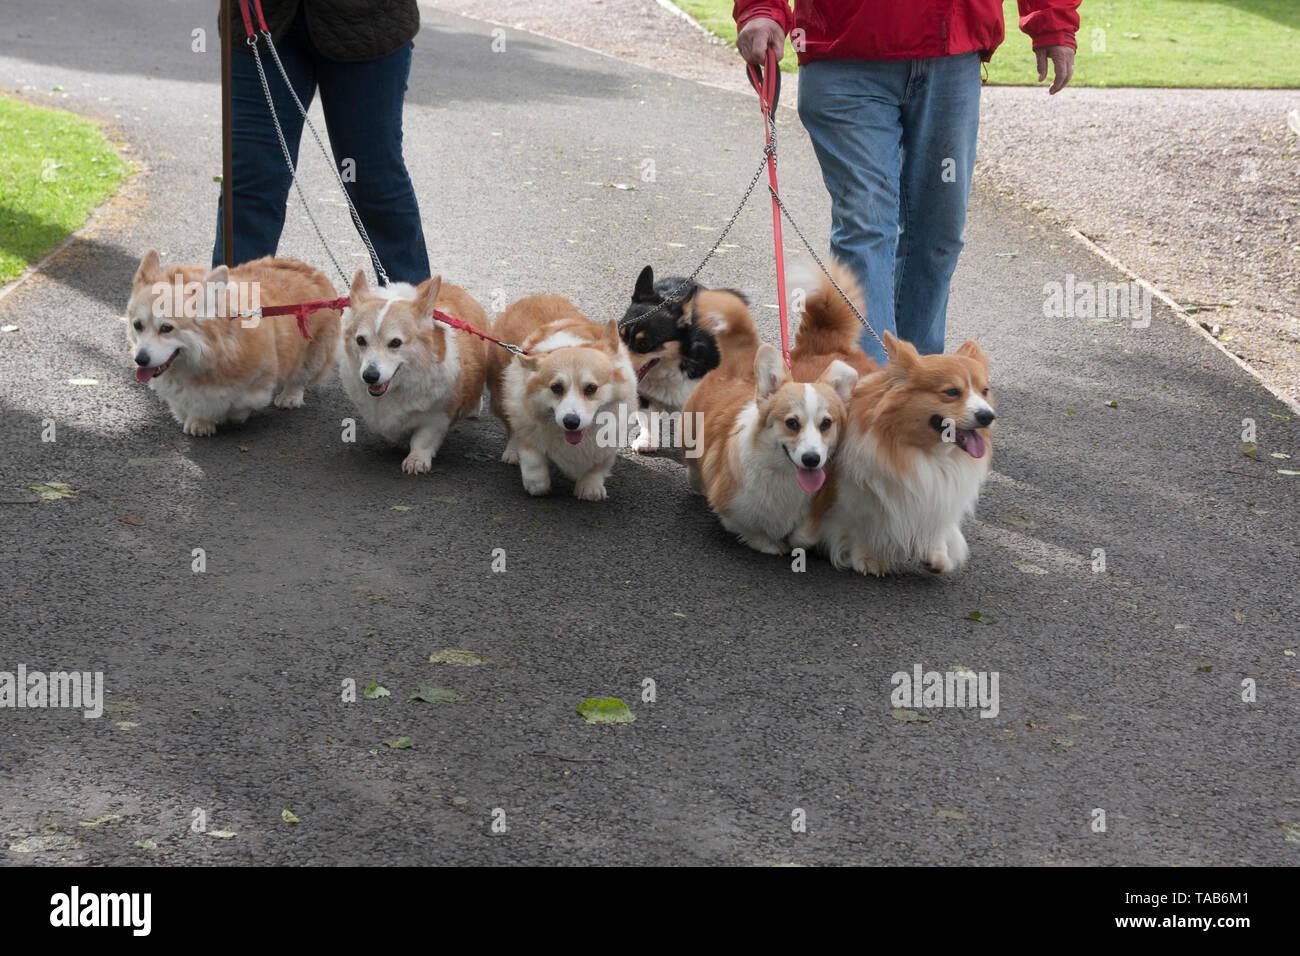 Perros corgi, grupo de seis adultos que caminaba sobre cables, Inglaterra, Reino Unido. Foto de stock